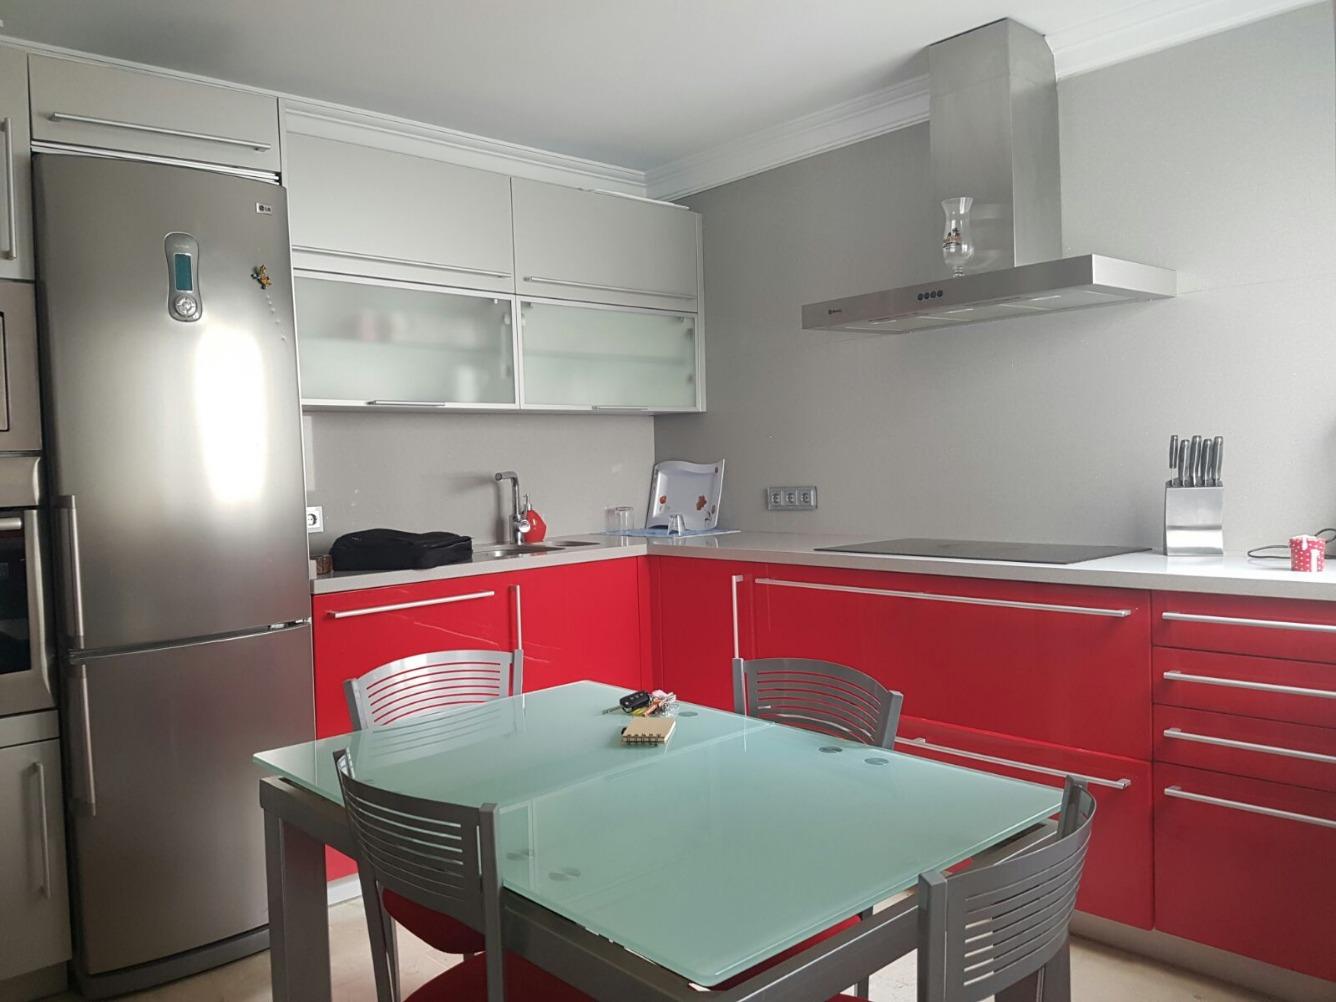 Pisos en alquiler larga temporada san de segunda mano en for Milanuncios pisos malaga